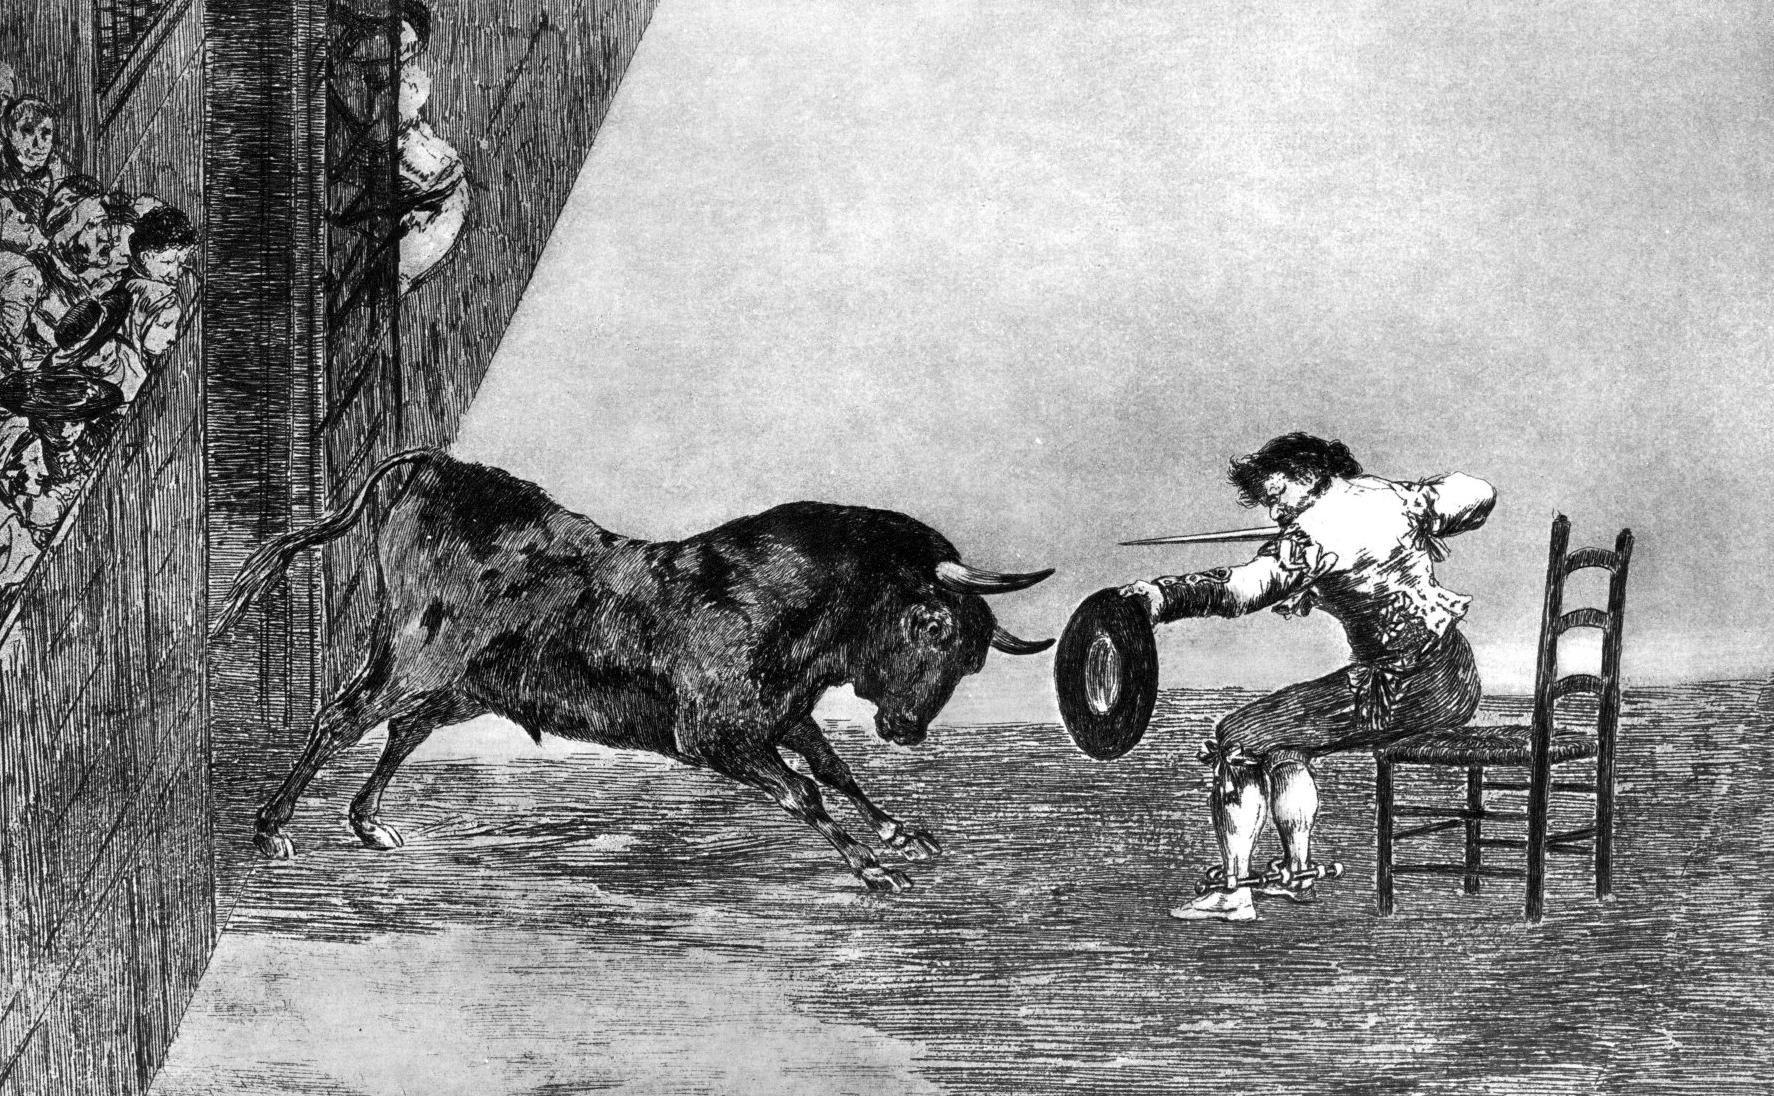 Francisco Goya, 'Termeridad de martincho en la plaza de Zaragoza,' 1815-16, Etching, Image courtesy The Art Company.